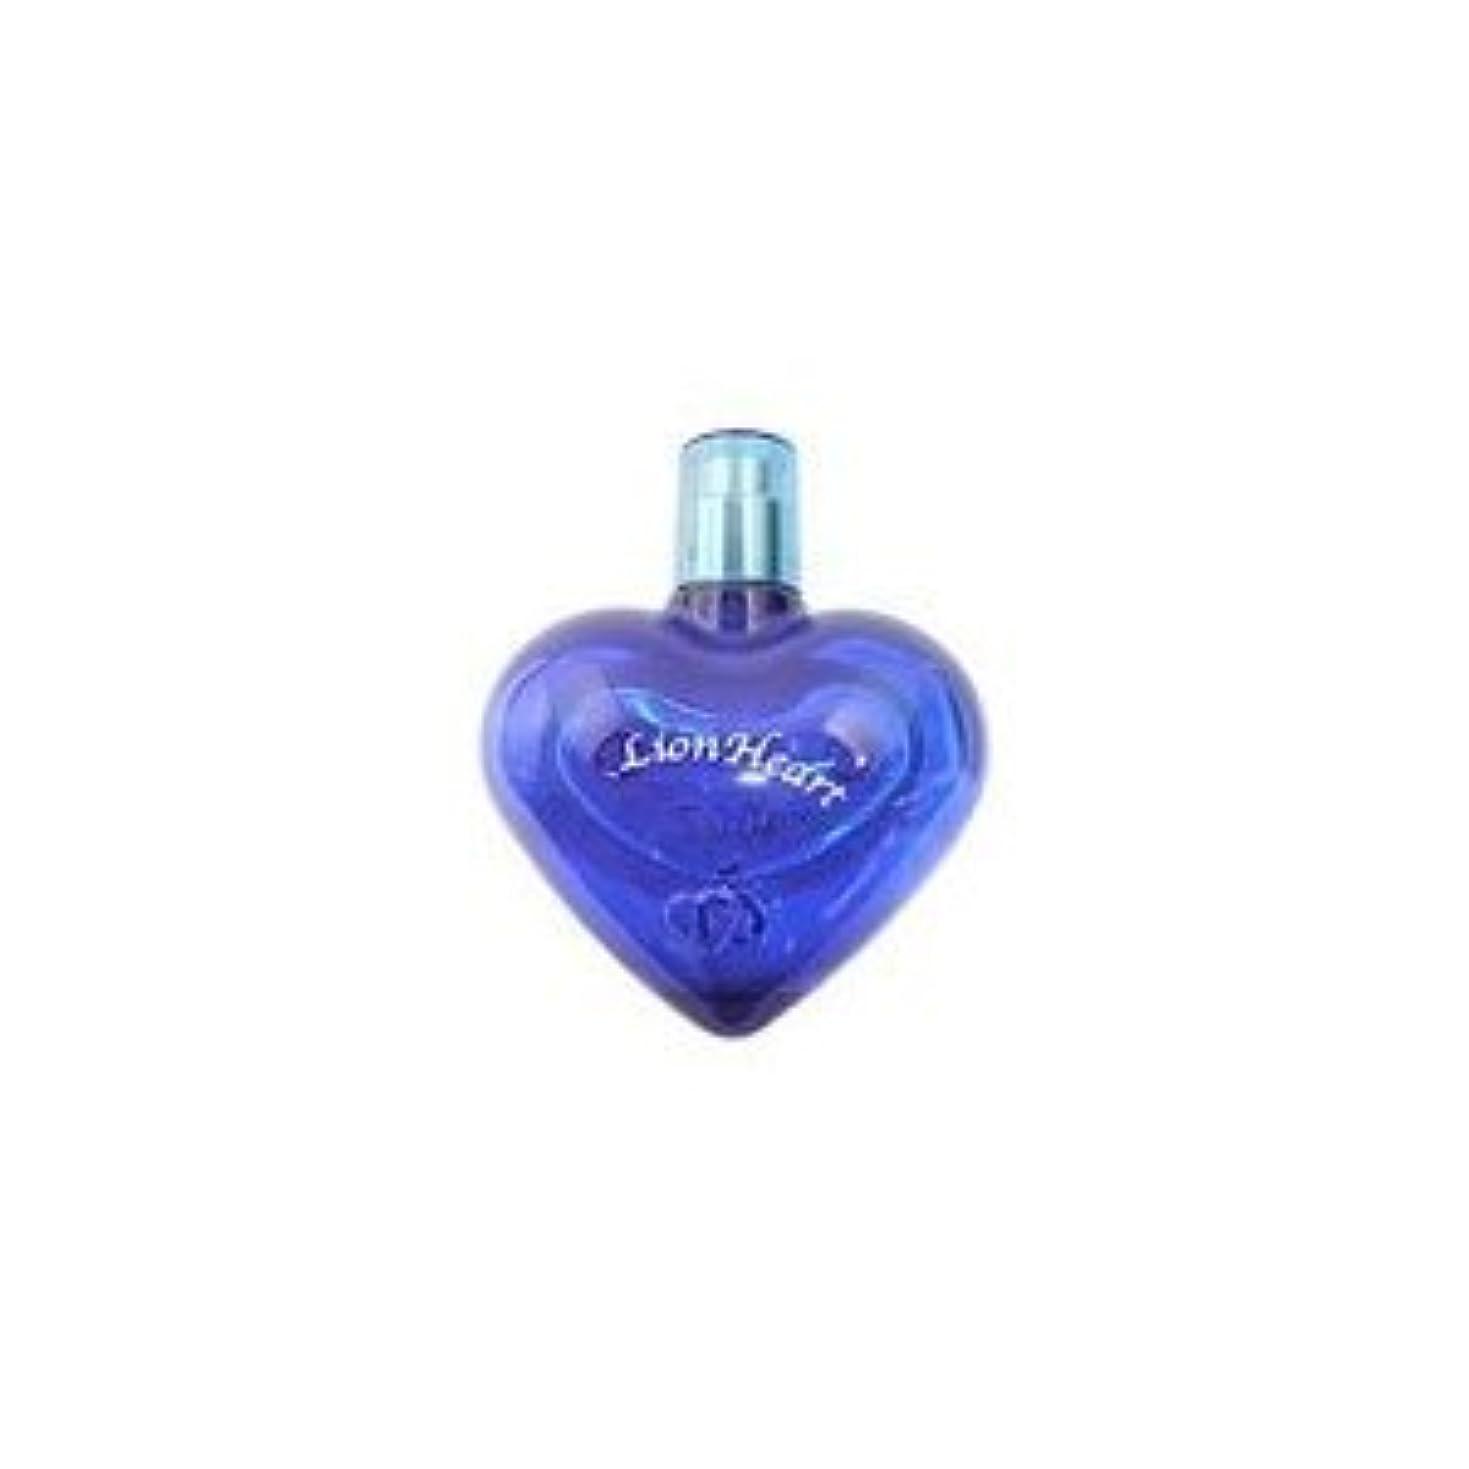 絵もう一度列挙するミニ香水 AYP ライオンハート 10ml EDT